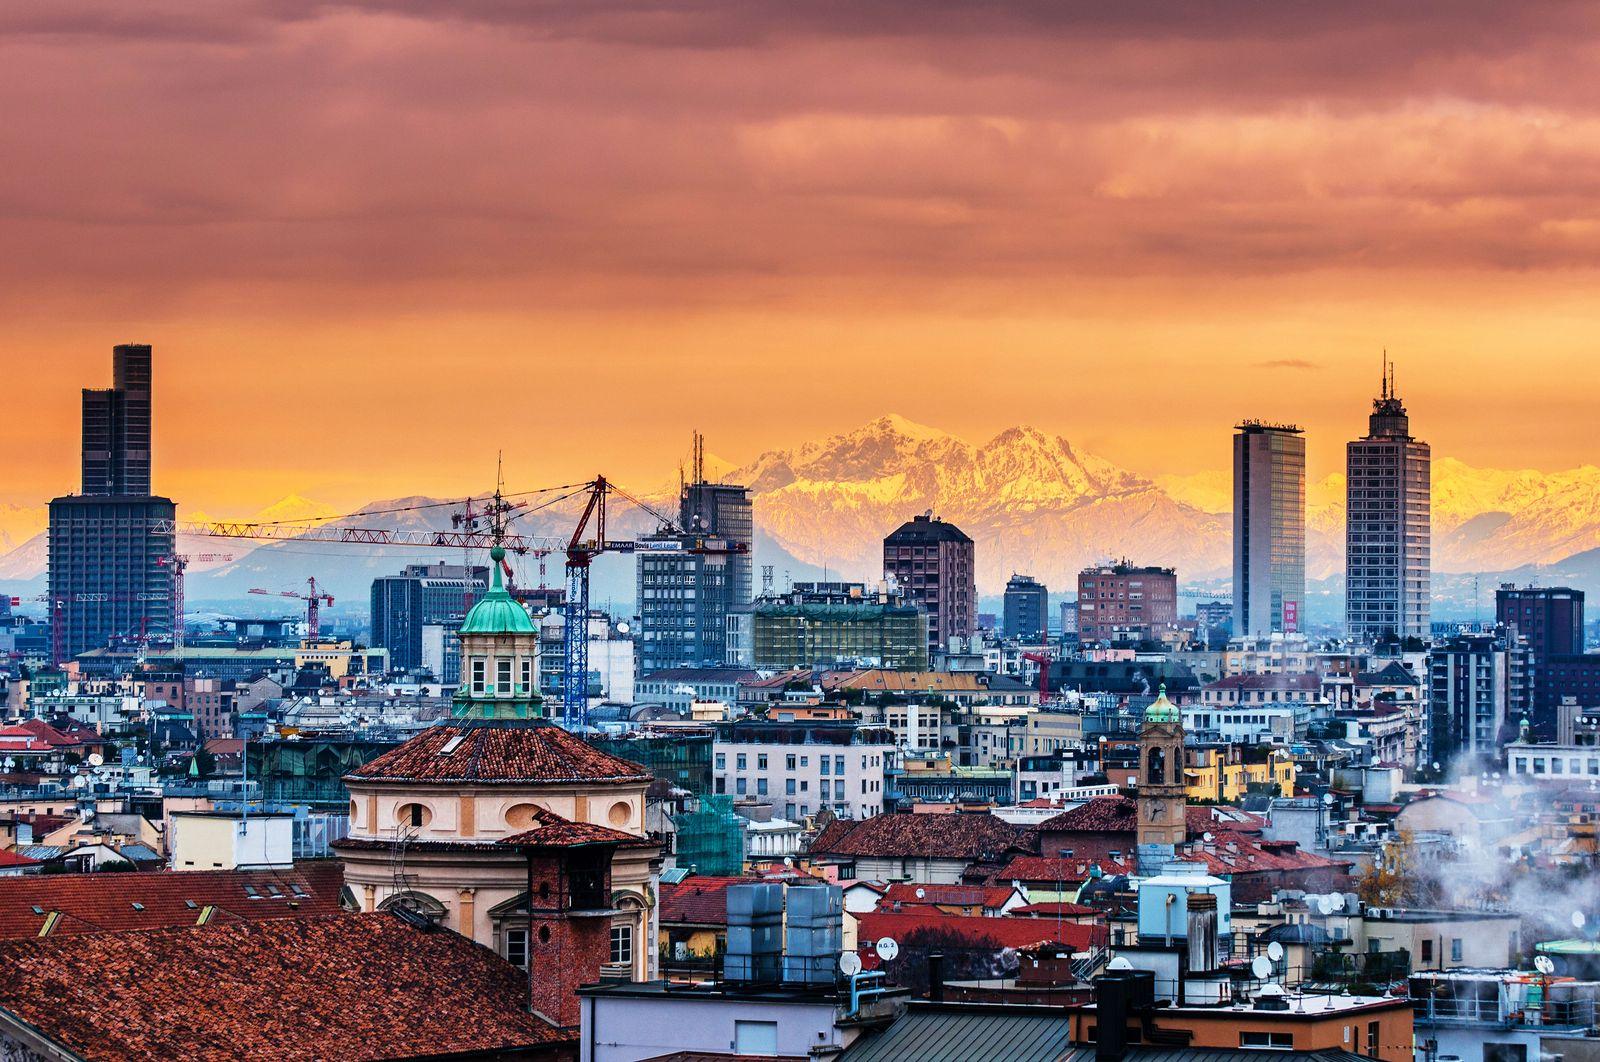 NICHT MEHR VERWENDEN! - Italien / Mailand / banken / / Stresstest / Stress-Test